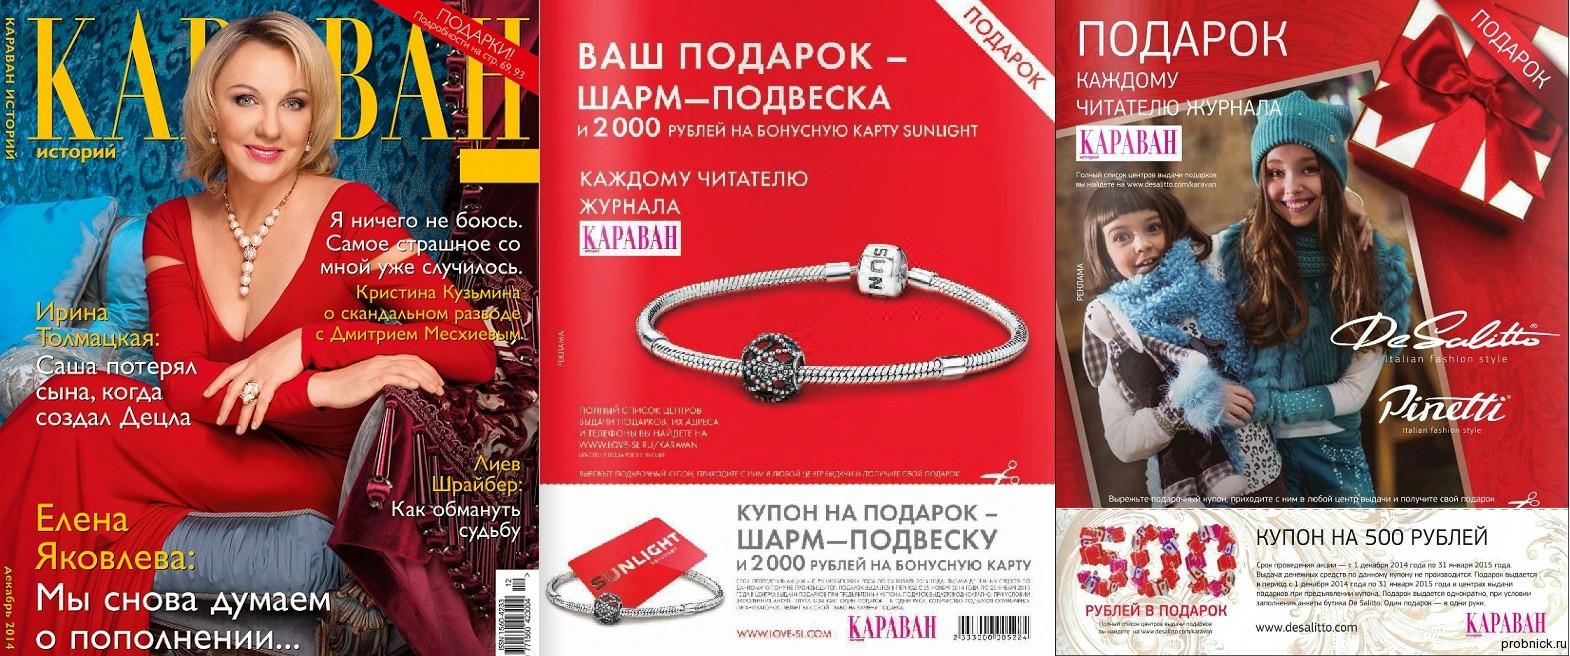 Стелла Аминова в журнале Tatler  Интервью и фотосеты